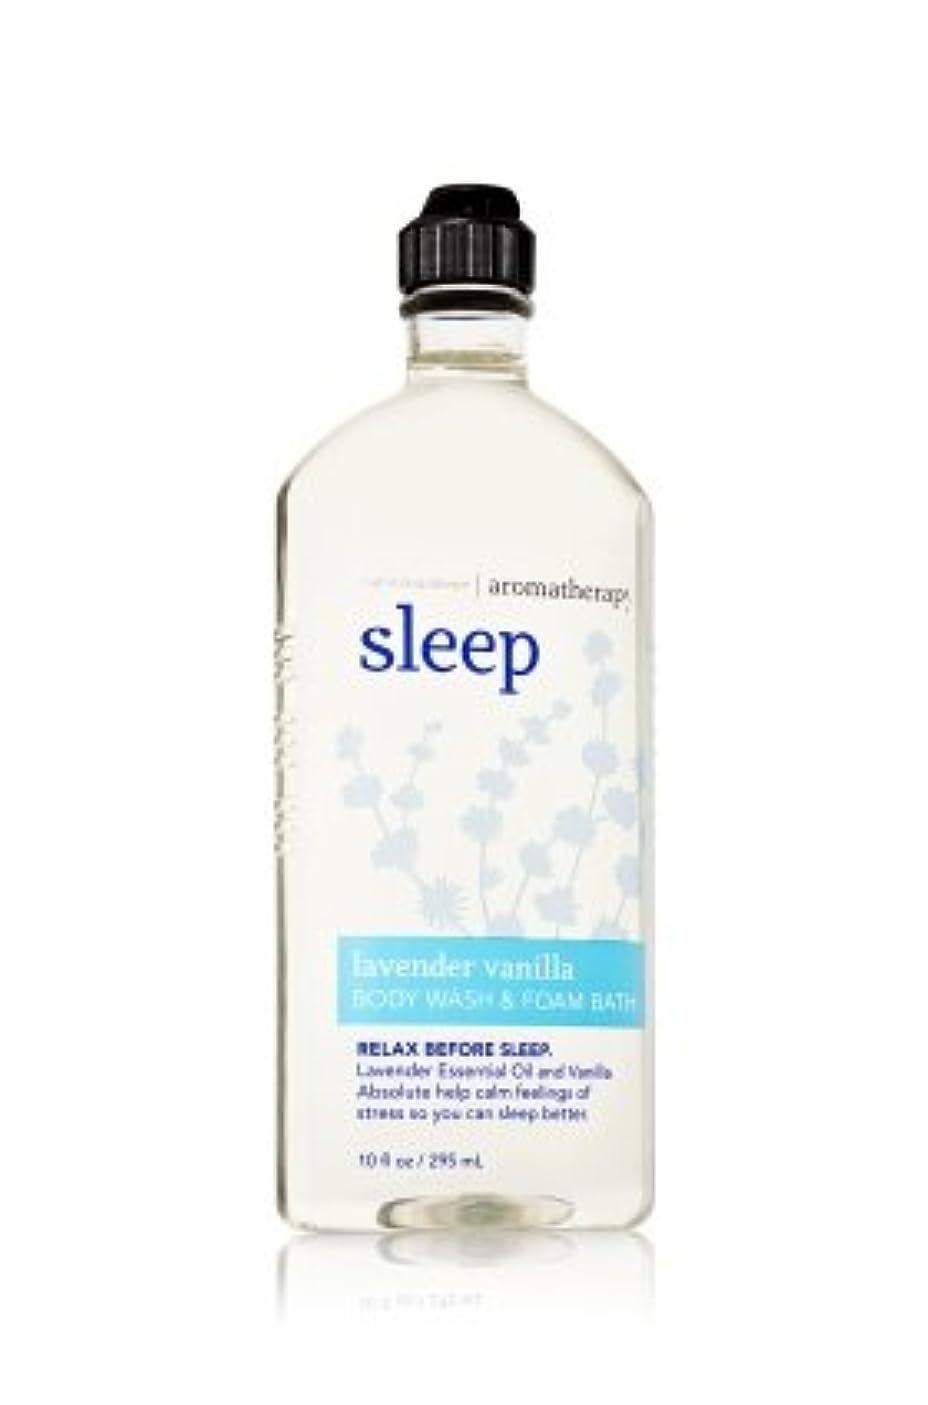 シールライフル有利バス&ボディワークス アロマセラピー スリープ ラベンダーバニラ ボディウォッシュ&フォームバス  Aromatherapy Sleep Lavender Vanilla Body Wash & Foam Bath [海外直送品]